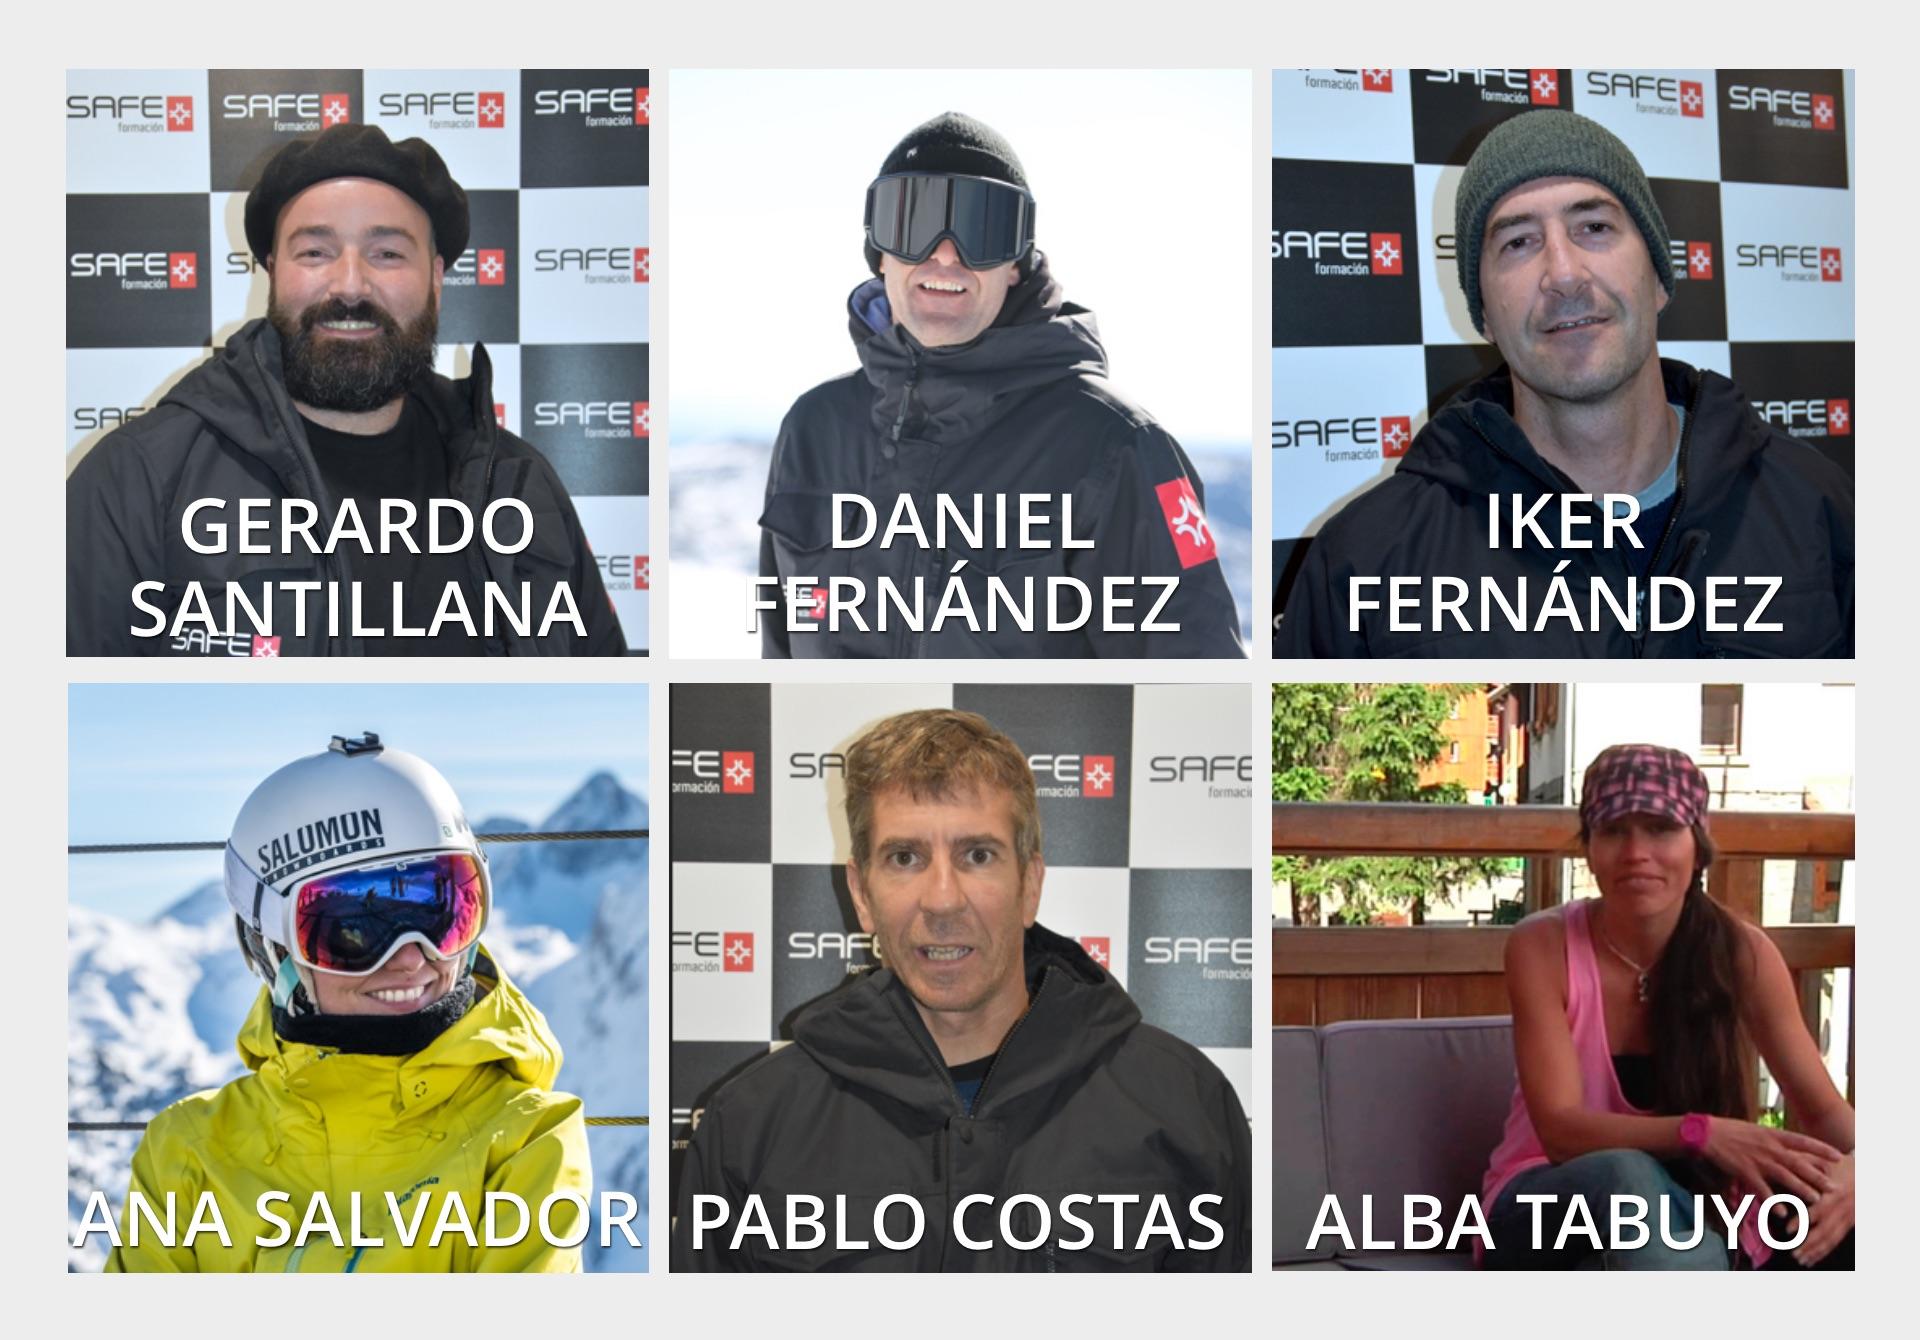 safe-formacion-tecnicos-deportivos-snowboard-equipo